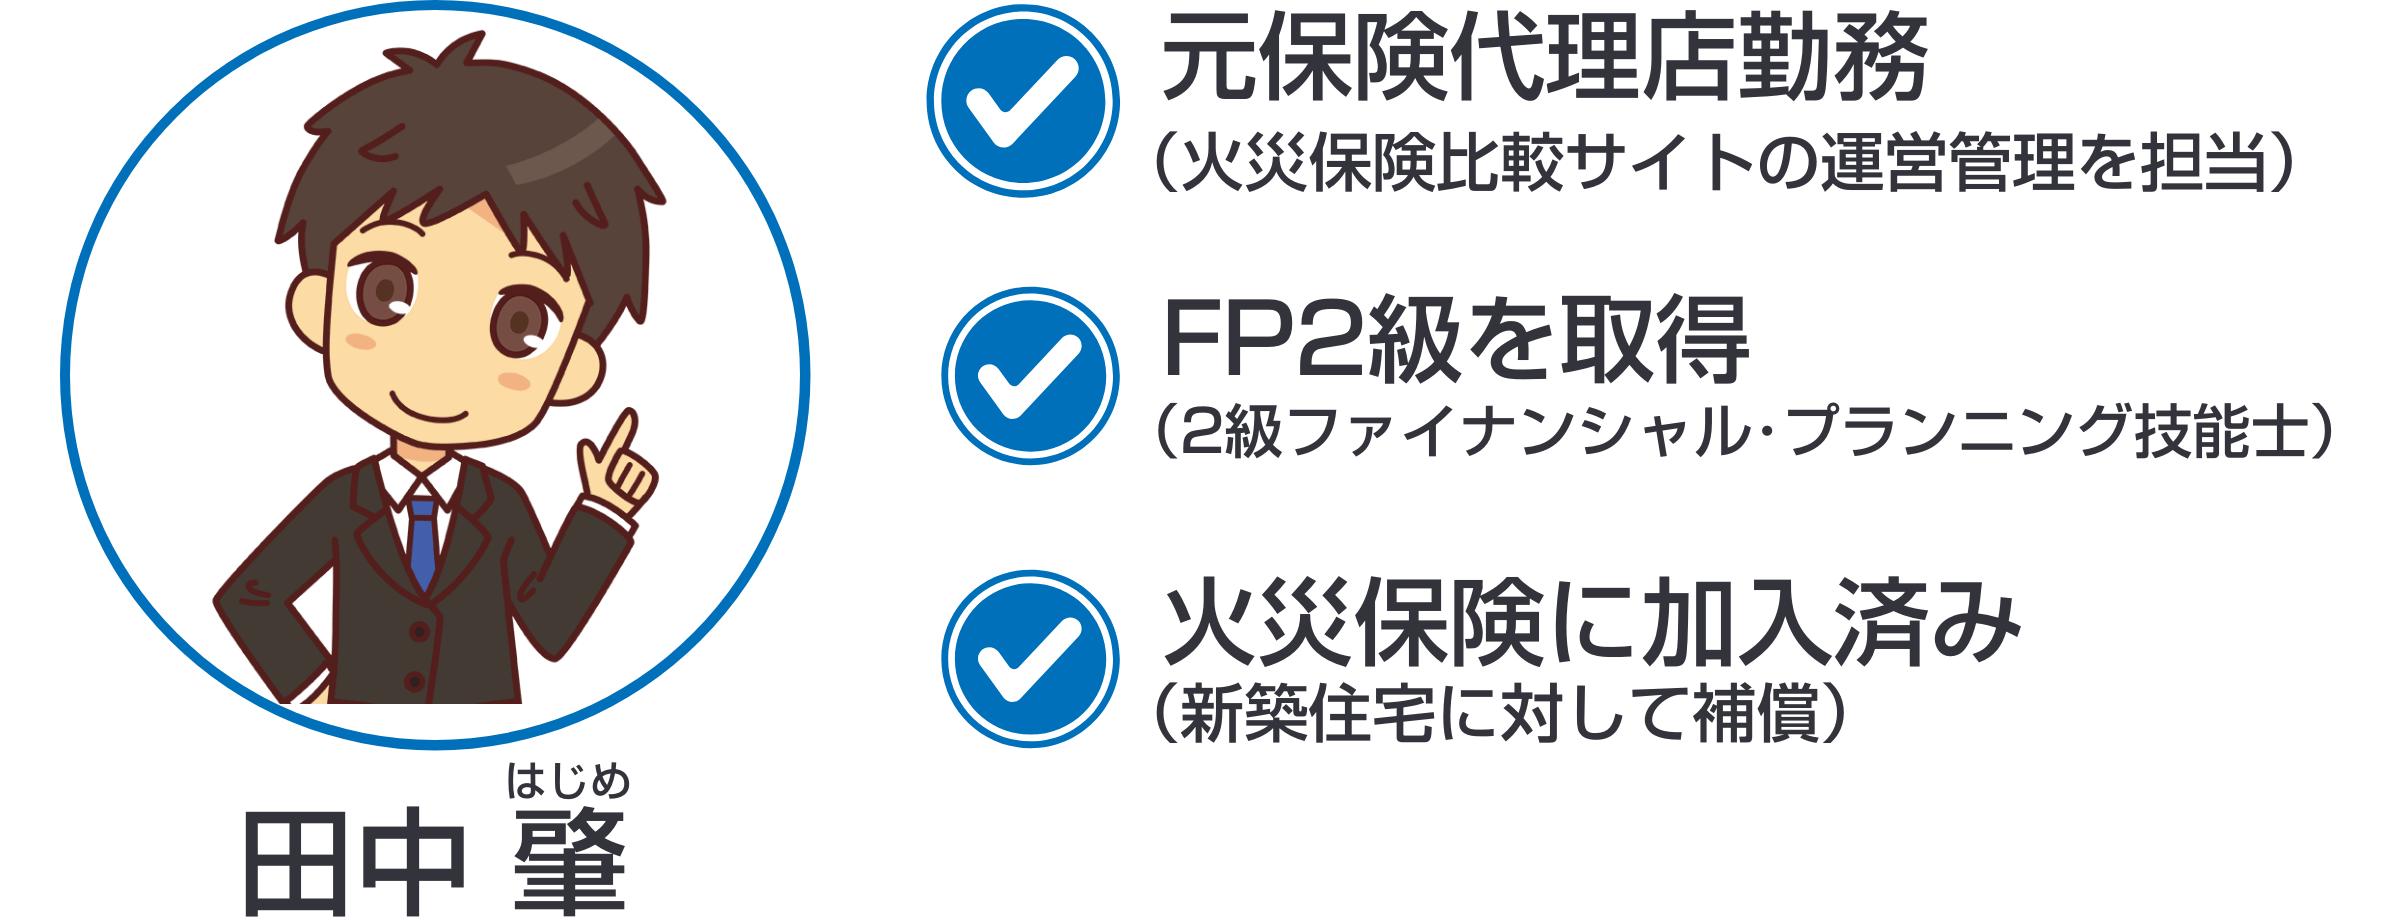 元保険代理店勤務の田中肇(はじめ)